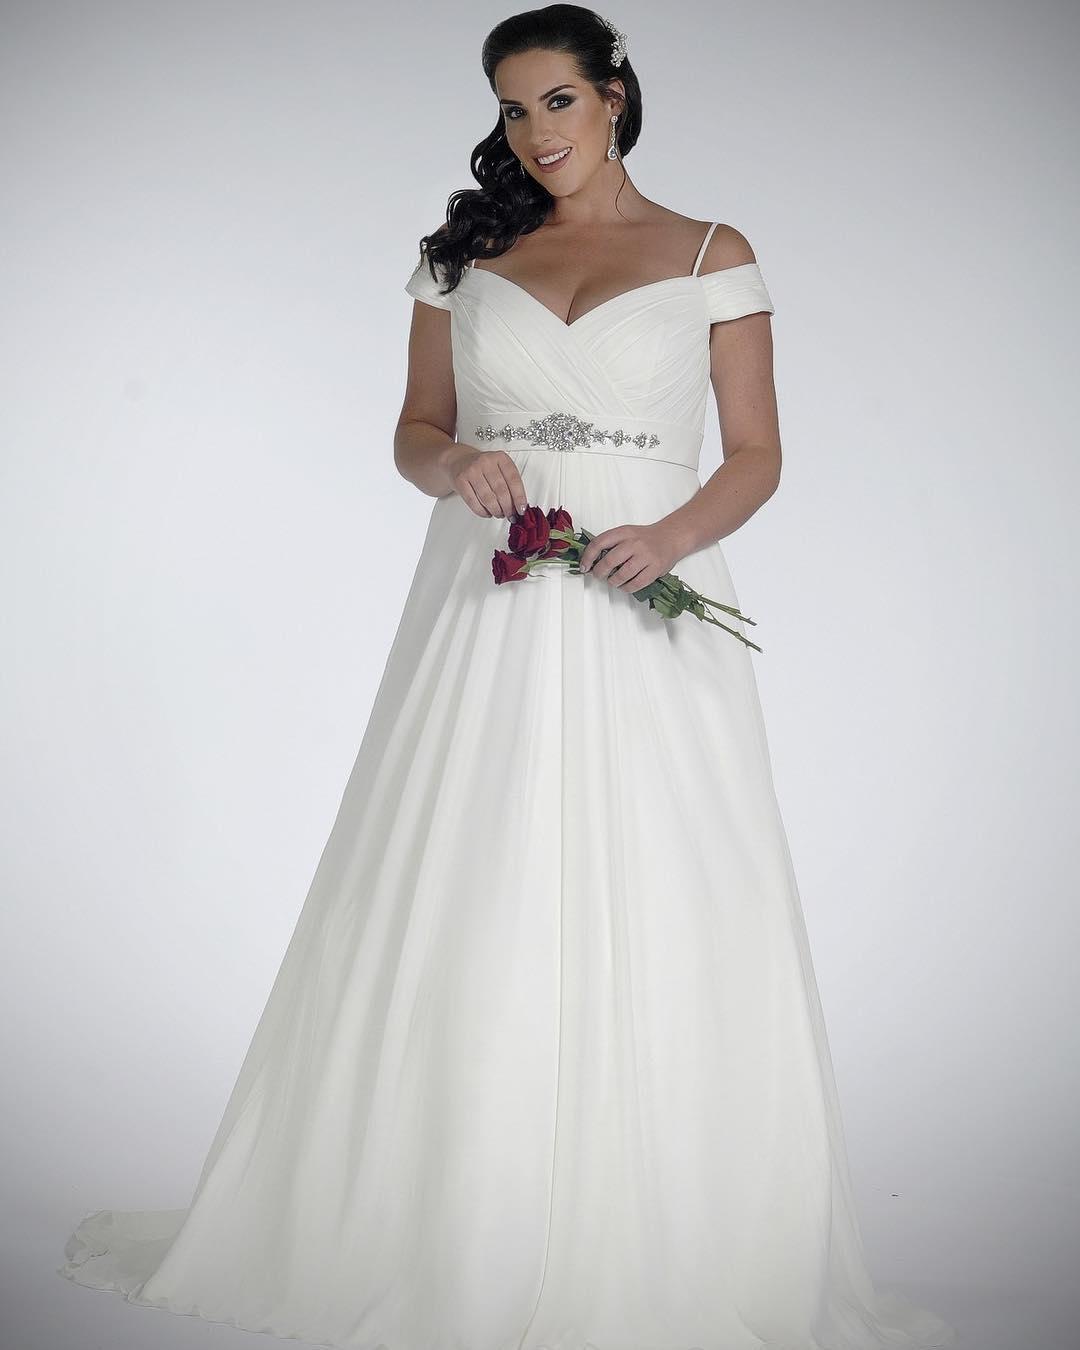 16051cbec2269 Plus Size Wedding Dress Shopping - She Might Be Magazine